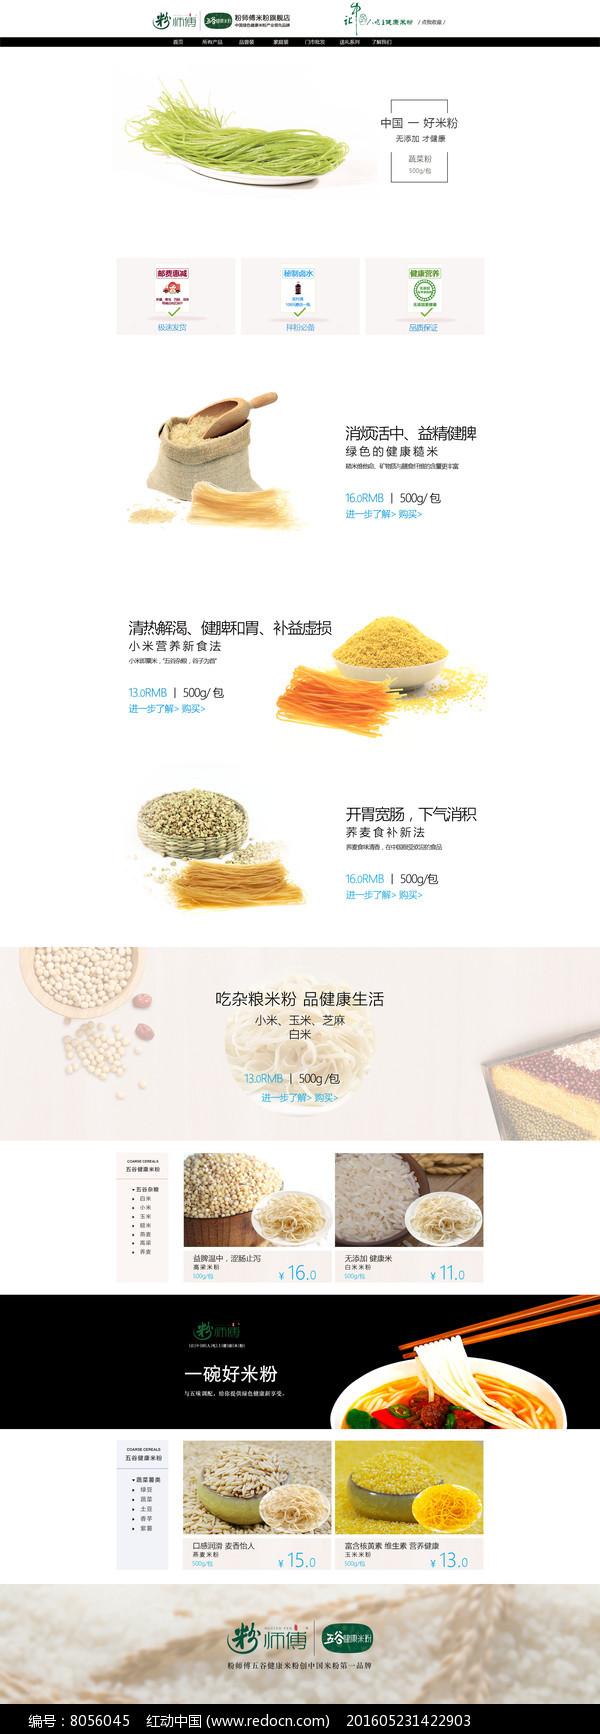 淘宝天猫五谷杂粮鸡蛋首页模板图片